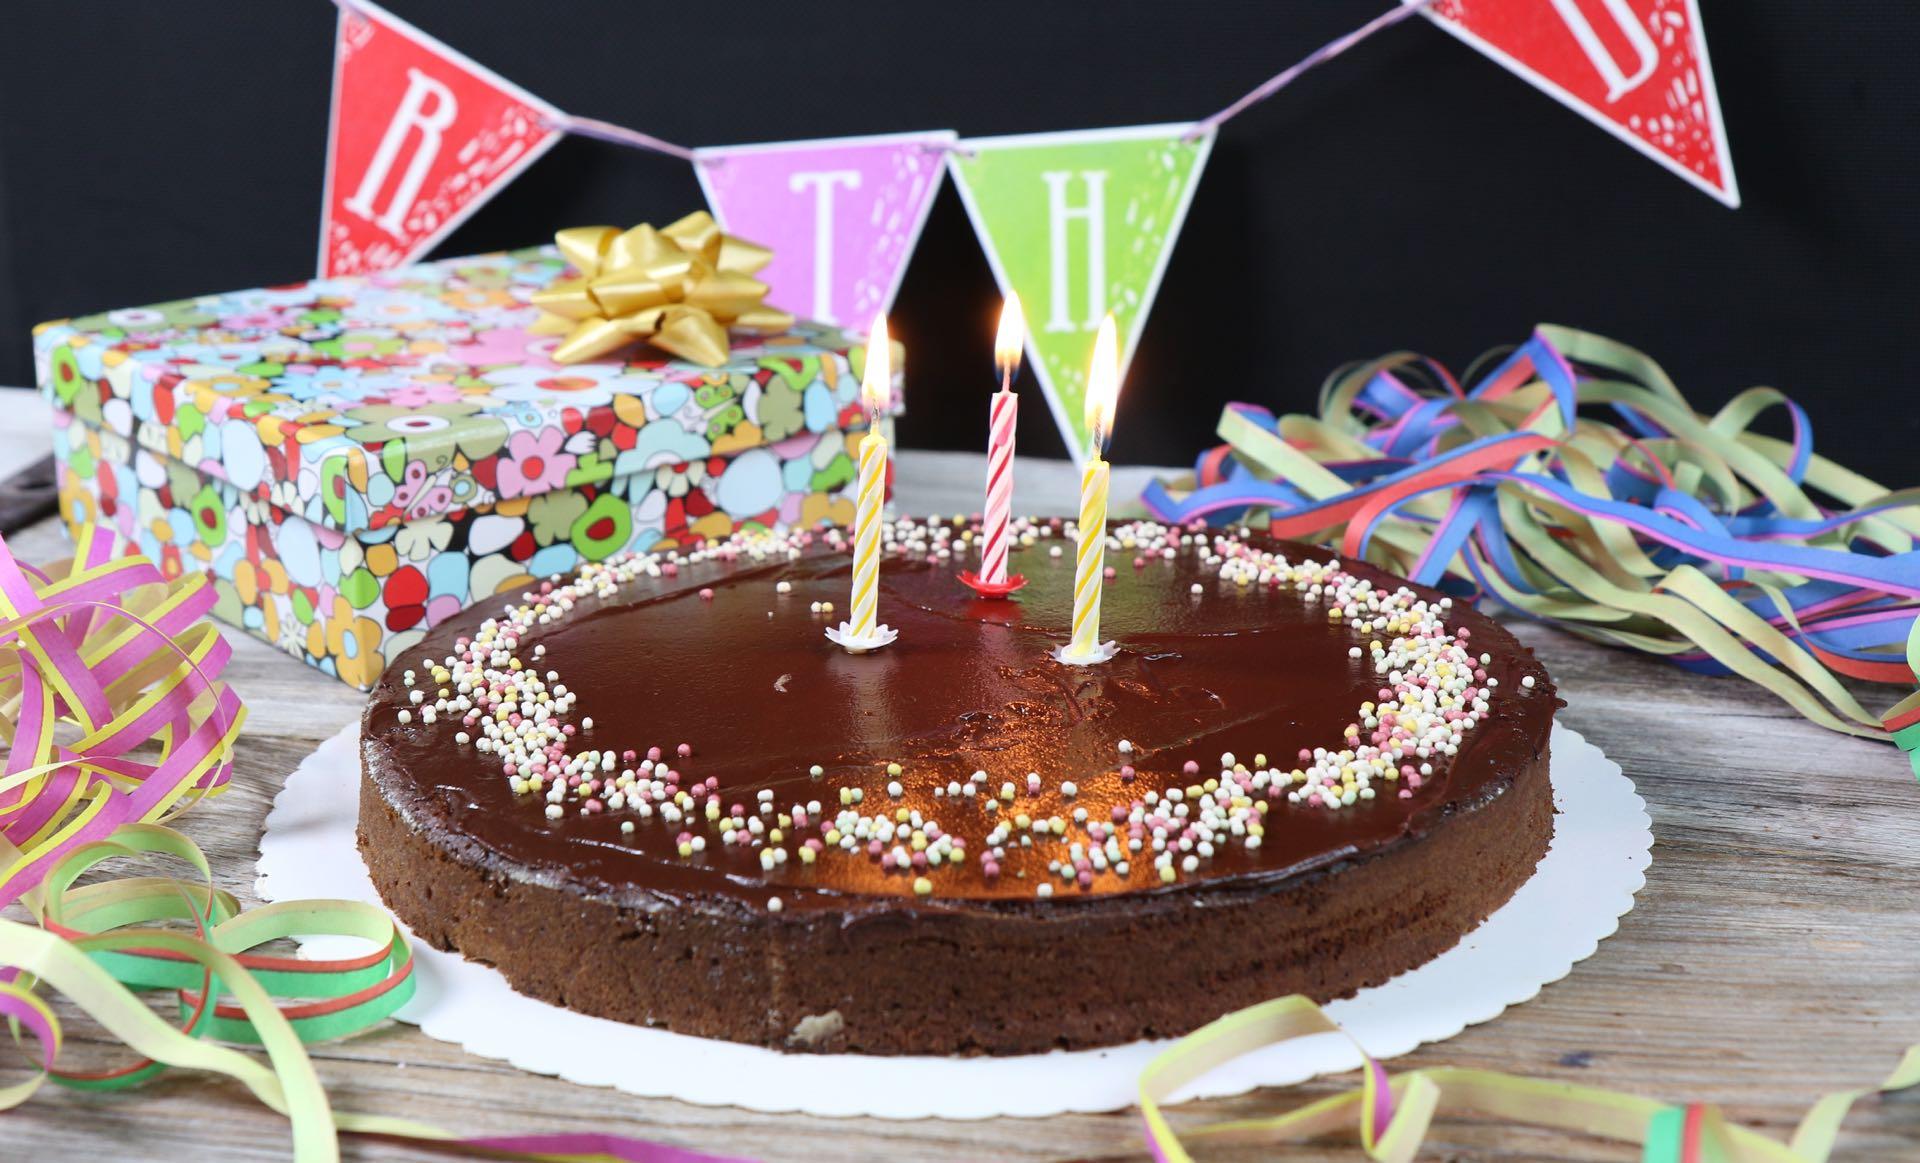 Gesunder Geburtstagskuchen Den Alle Lieben Rueblitorte Zuckerfrei